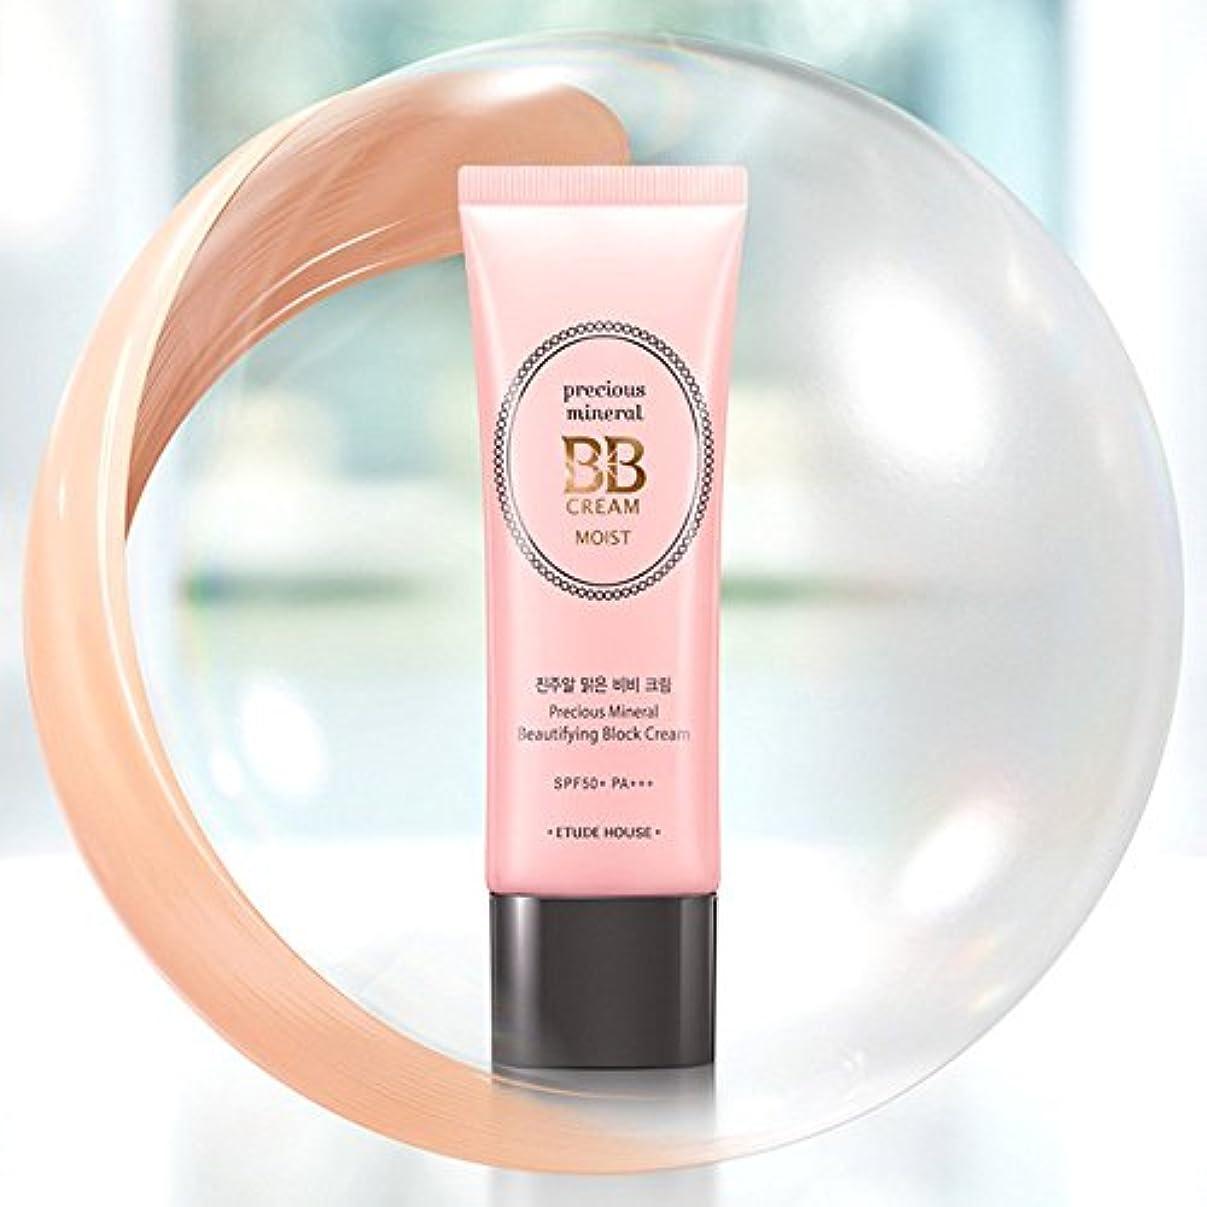 言語連合包帯ETUDE HOUSE Precious Mineral BB Cream Moist [ Sand] SPF50+ PA+++ エチュードハウス プレシャスミネラルBBクリーム モイスト [サンド] SPF50 + PA...